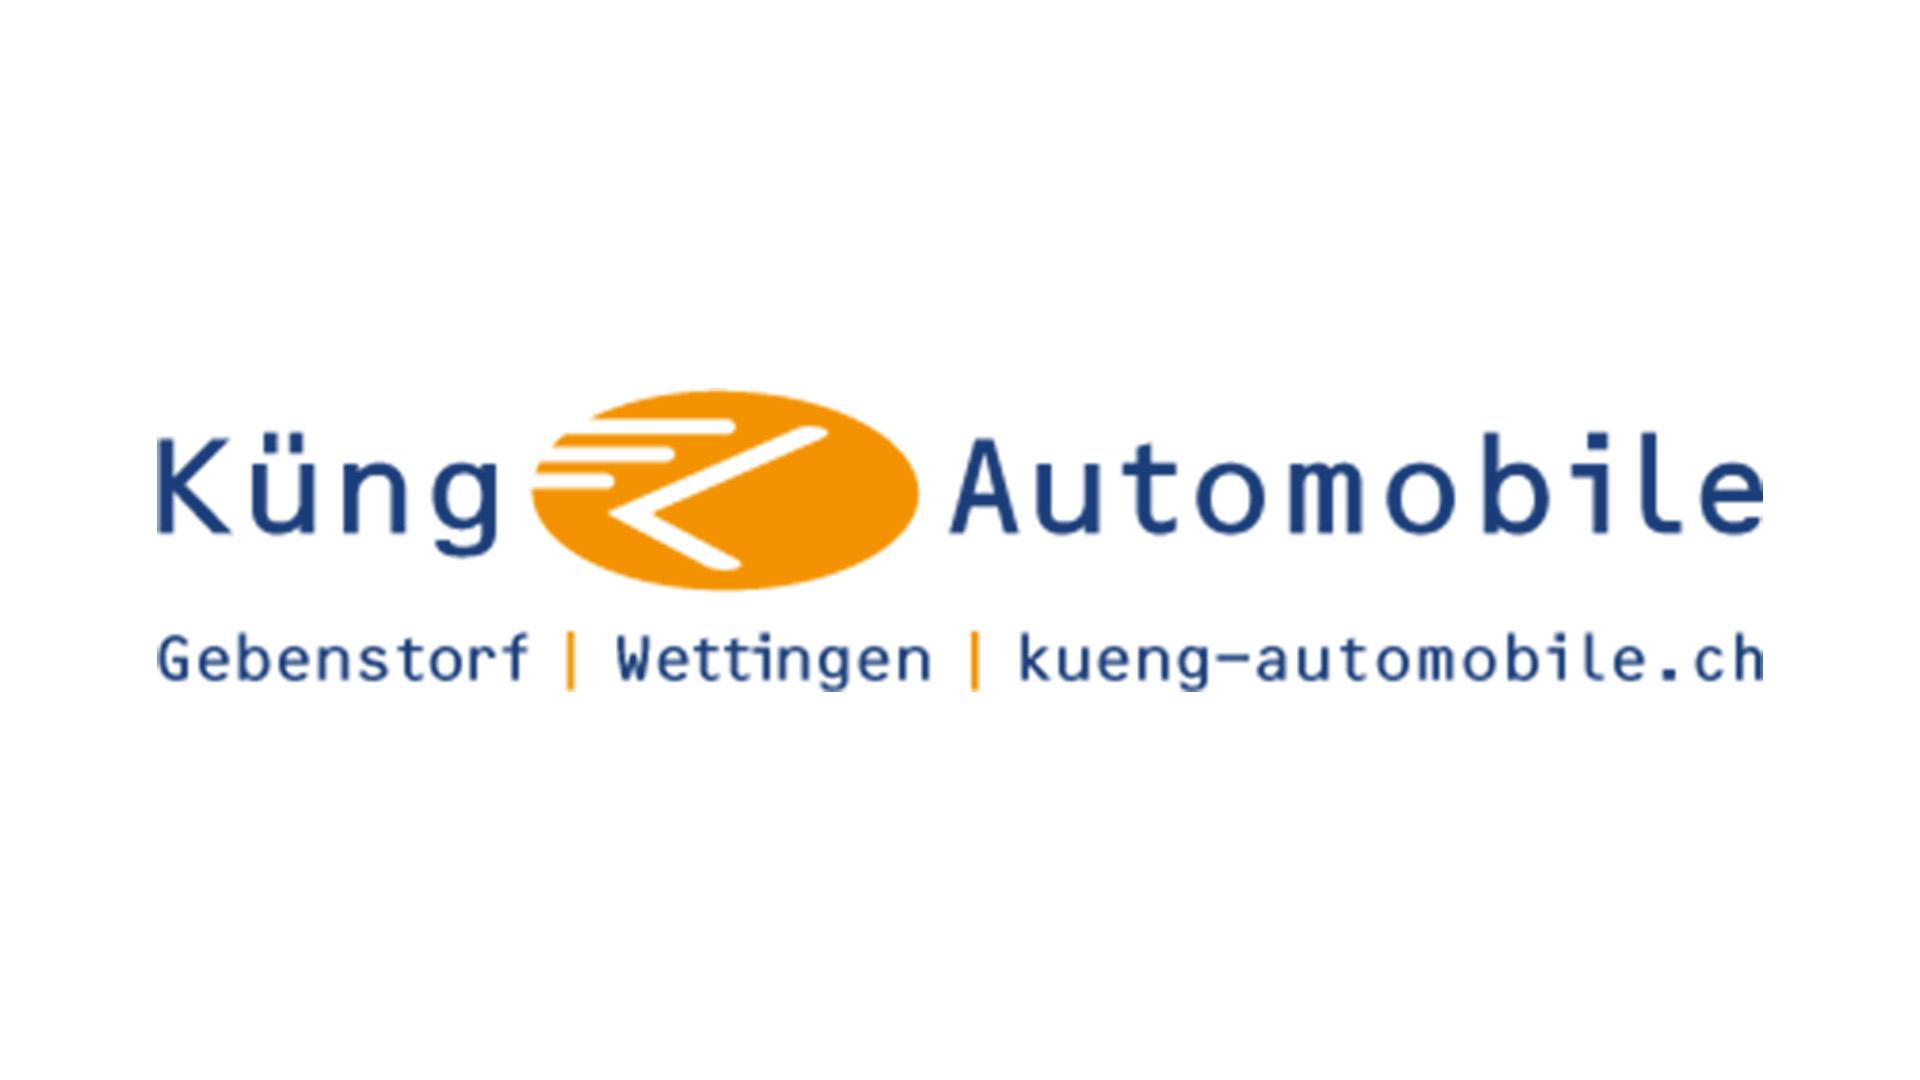 Logo Küng Automobile